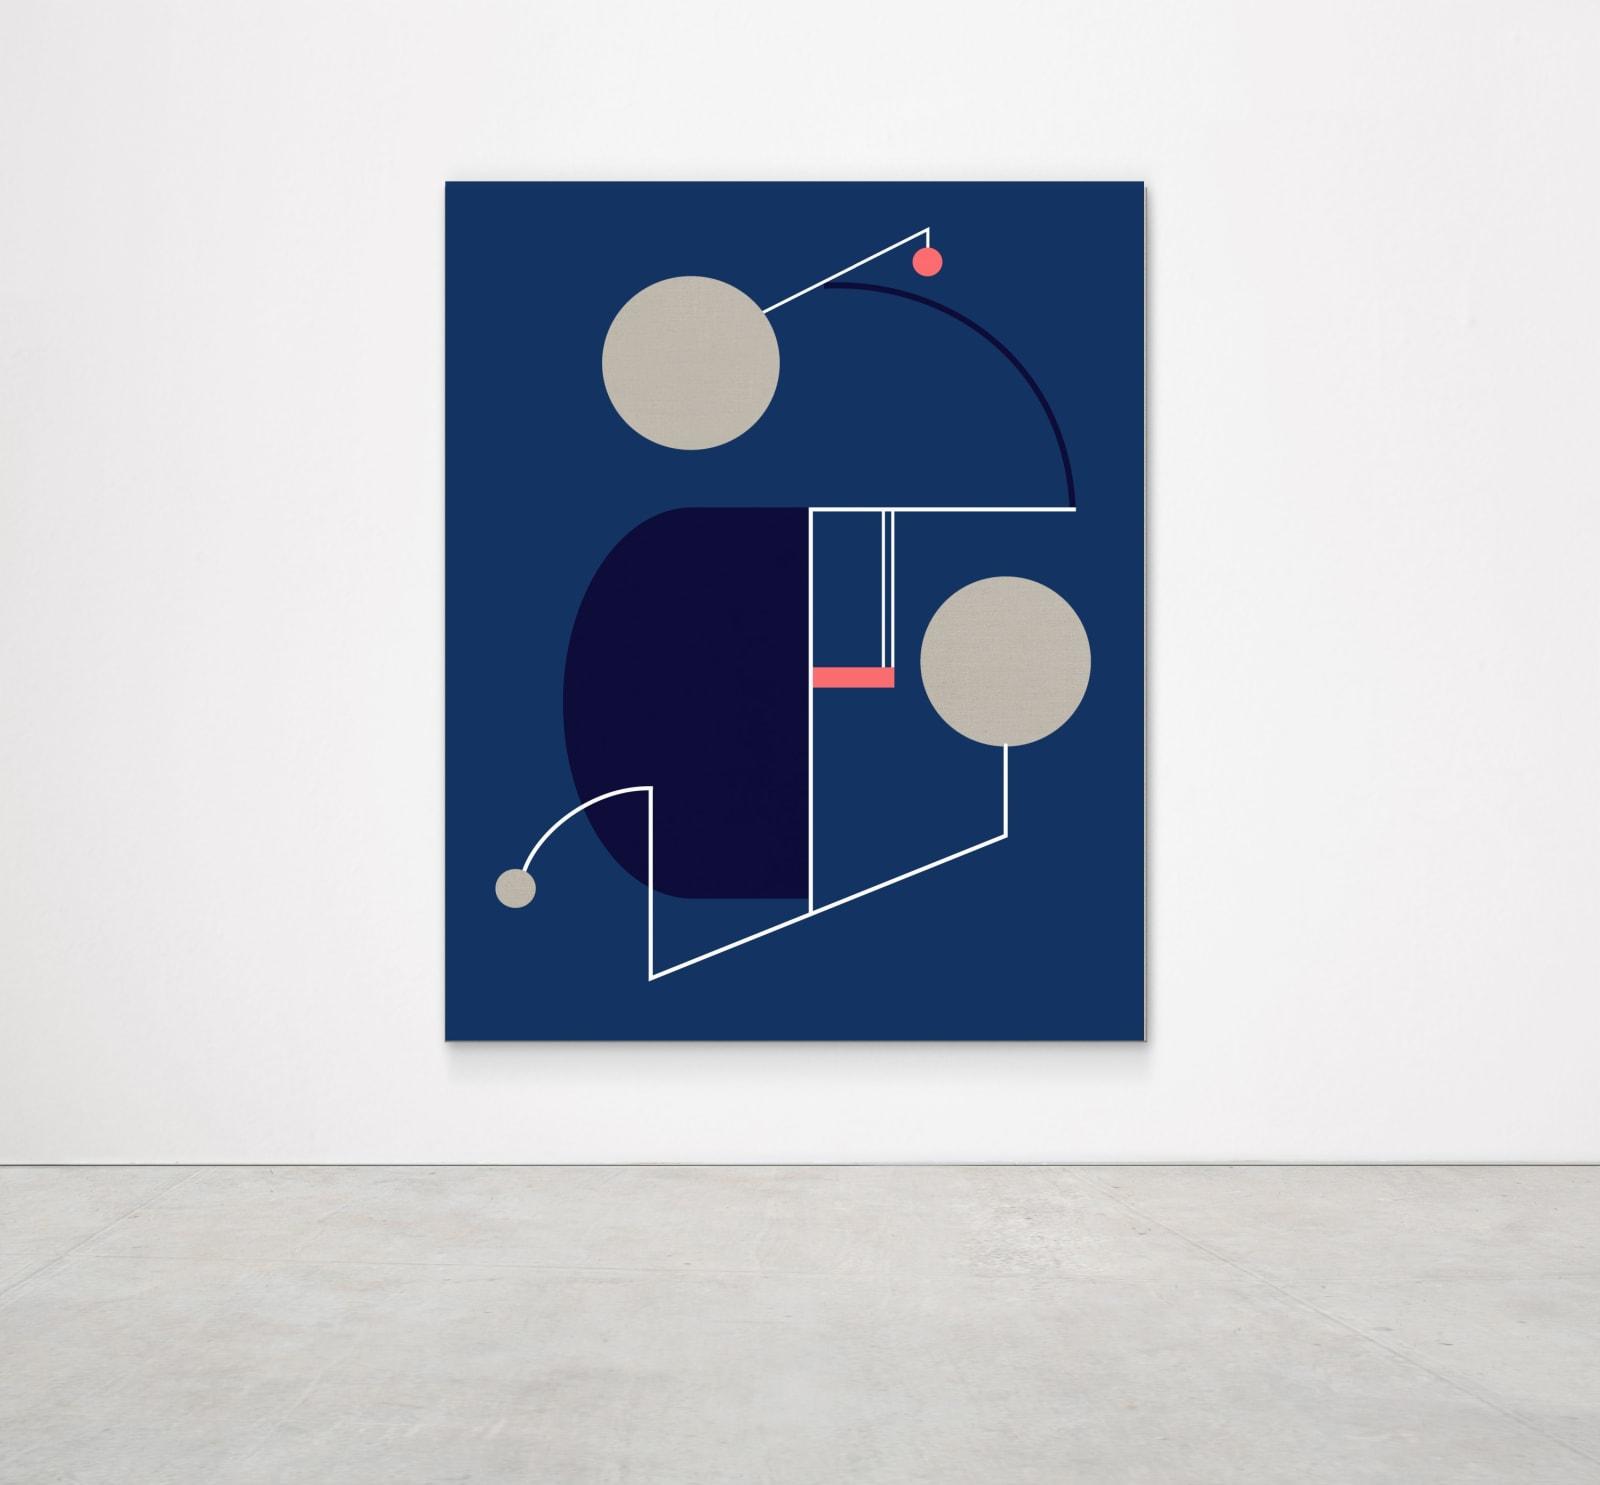 Sinta Tantra, A Dusk Kiss, 2019 Tempera on linen 160 x 130 cm